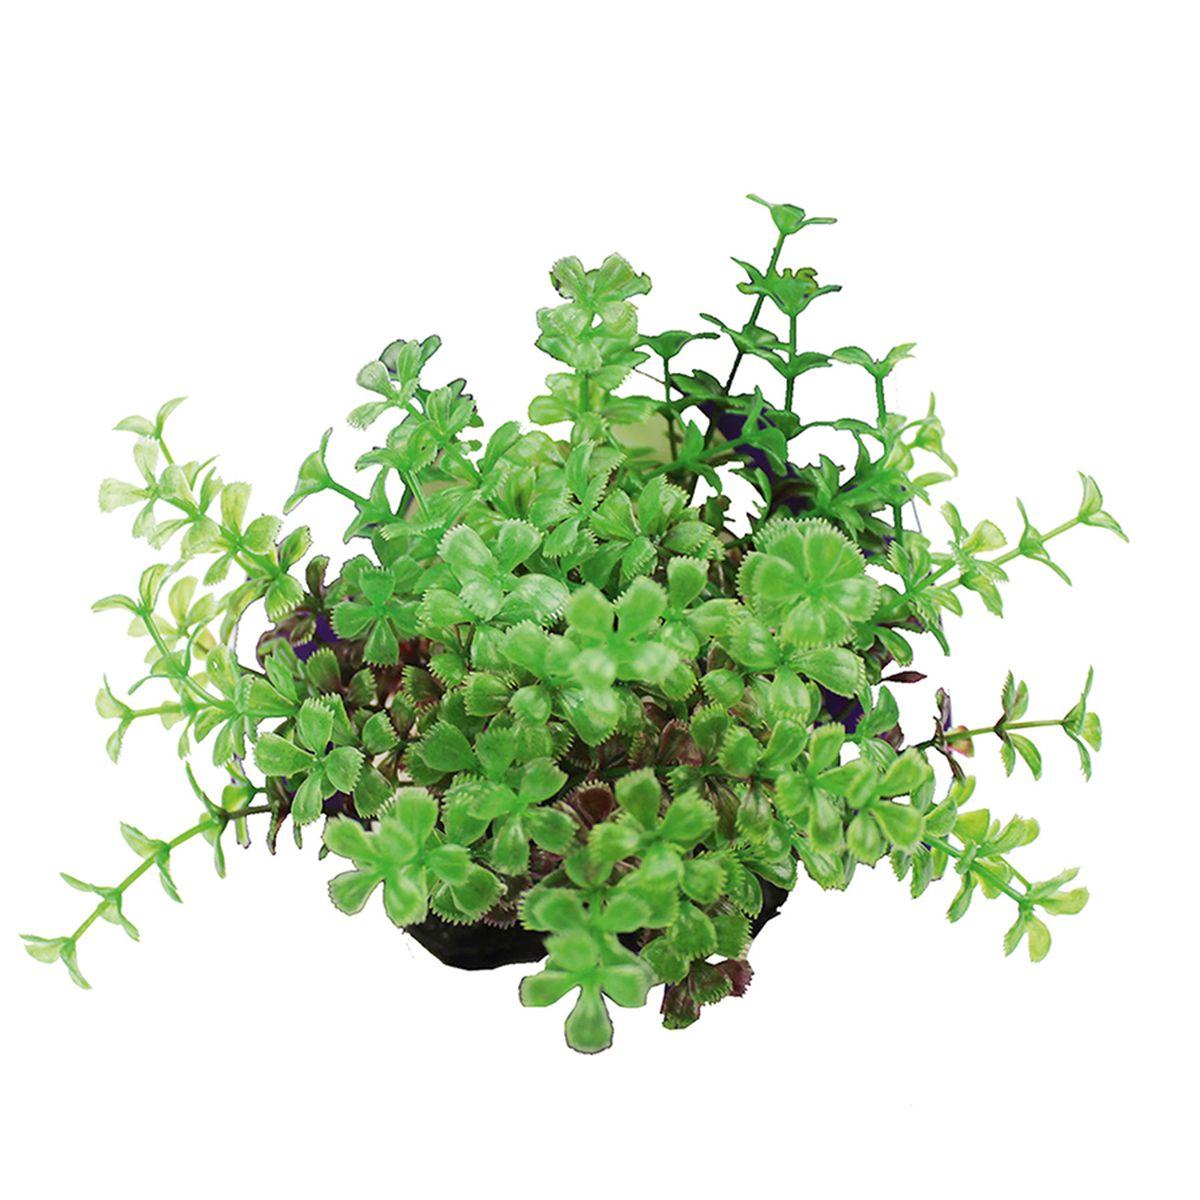 Растение для аквариума ArtUniq Прозерпинака красно-зеленая, высота 10-12 см0120710Композиция из искусственных растений ArtUniq превосходно украсит и оживит аквариум.Растения - это важная часть любой композиции, они помогут вдохнуть жизнь в ландшафт любого аквариума или террариума. А их сходствос природными порадует даже самых взыскательных ценителей.